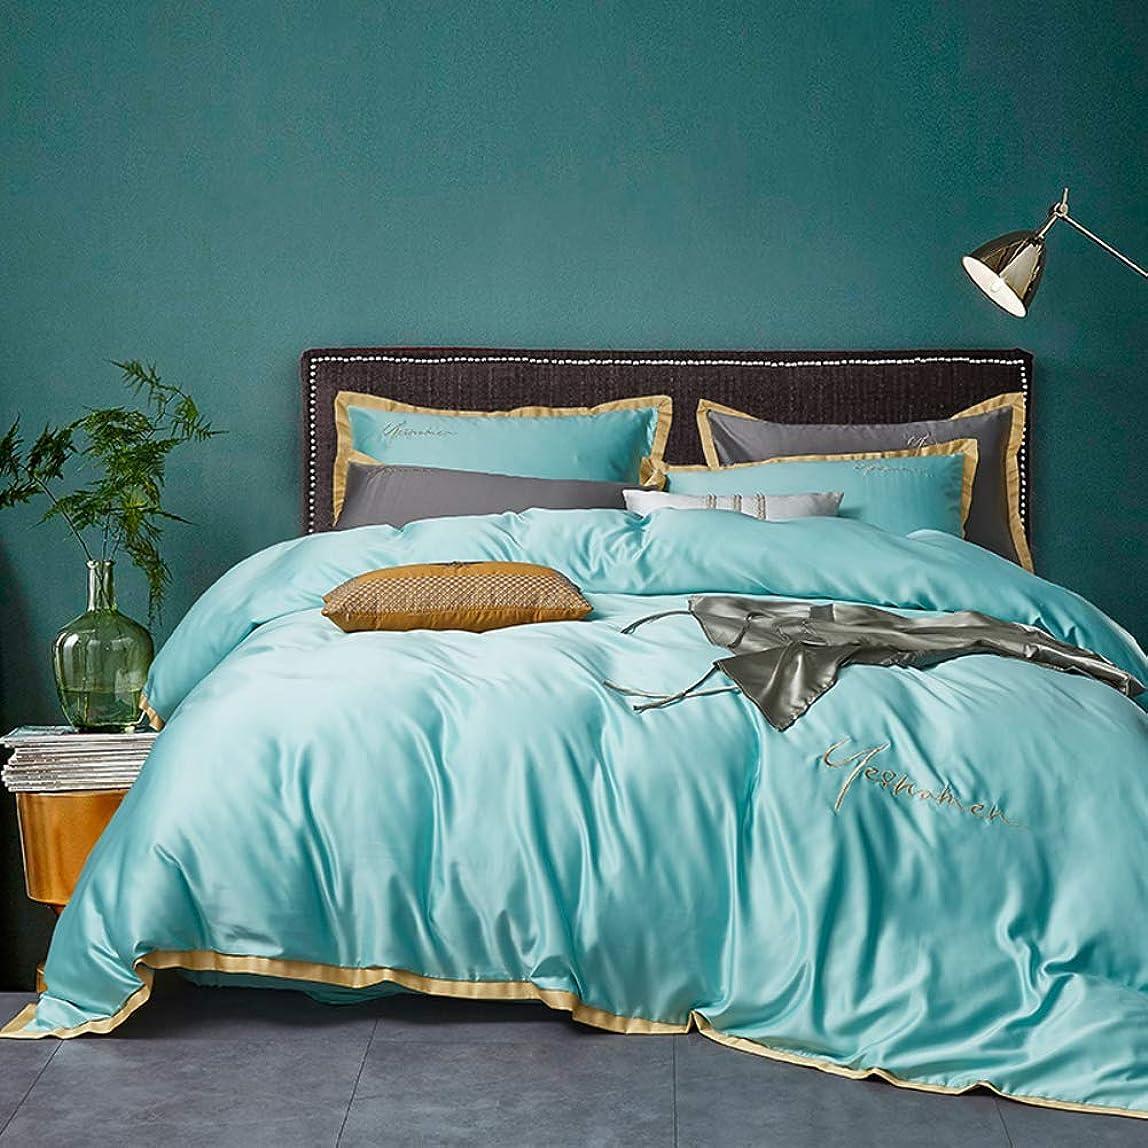 アラバマ量で肌シルク 刺繍 綿サテン 寝具カバーセット, 4 ピース ジャカード ソフト 快適 綿 夏 クールな 肌-フレンドリー 寝具ベッド ファスナー付け-d